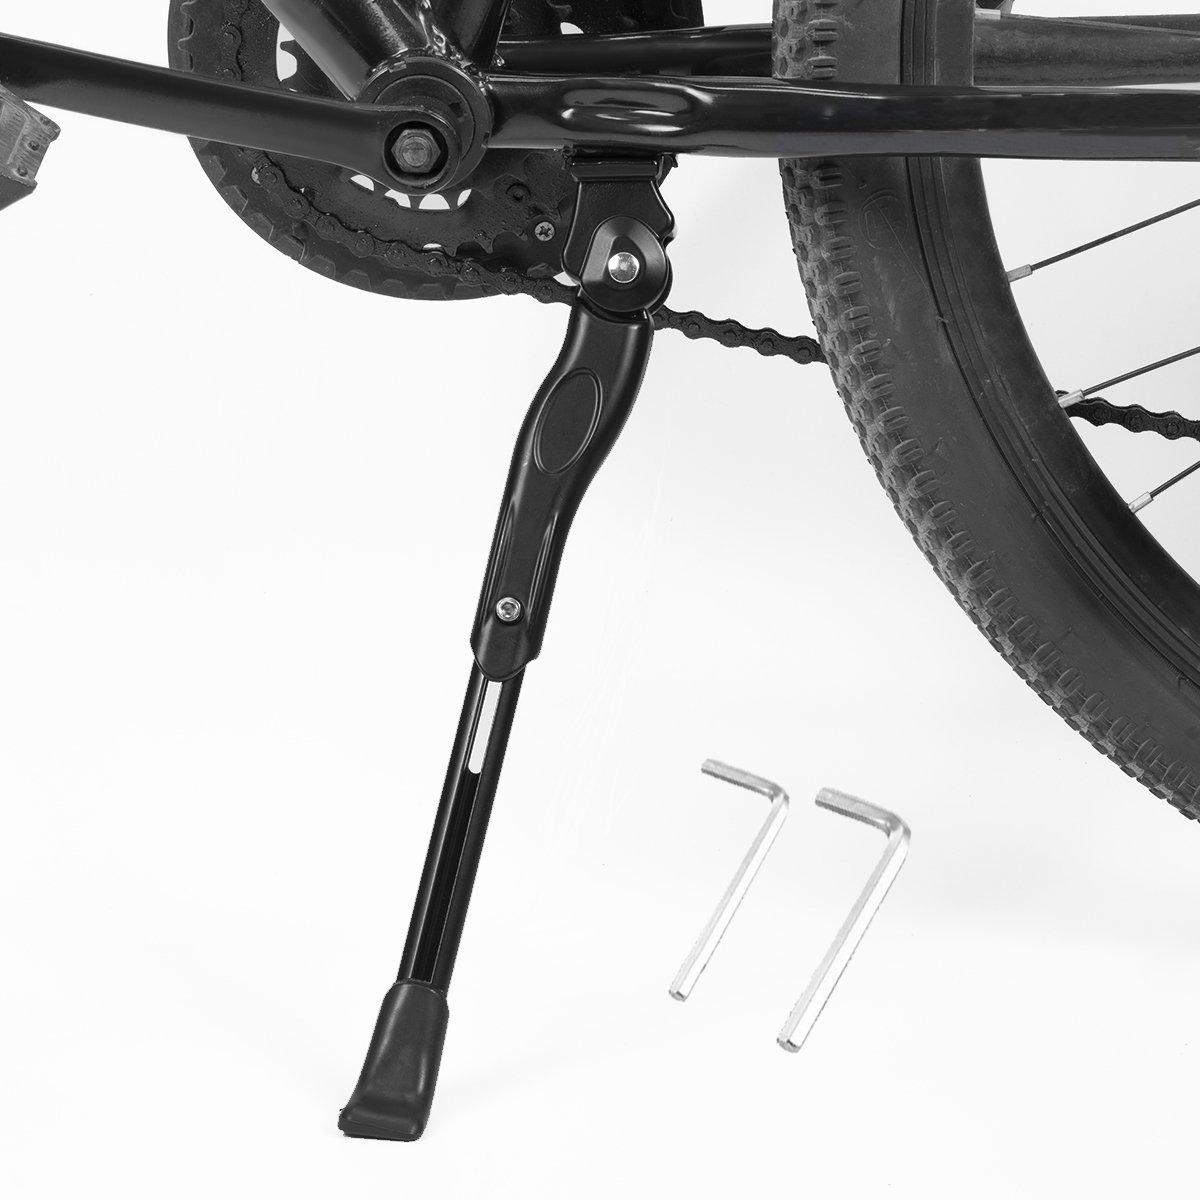 BESTCAN 自転車キックスタンド 調節可能 アルミニウム合金 自転車サイドサポートブラケット 一般的 20インチ 22インチ 24インチ 26インチ 28インチ マウンテンバイク/ロードバイク/BMX/MTB/シティバイク/キッズバイク/スポーツバイク/大人用バイク  Black-22\ B076ZJYYP9